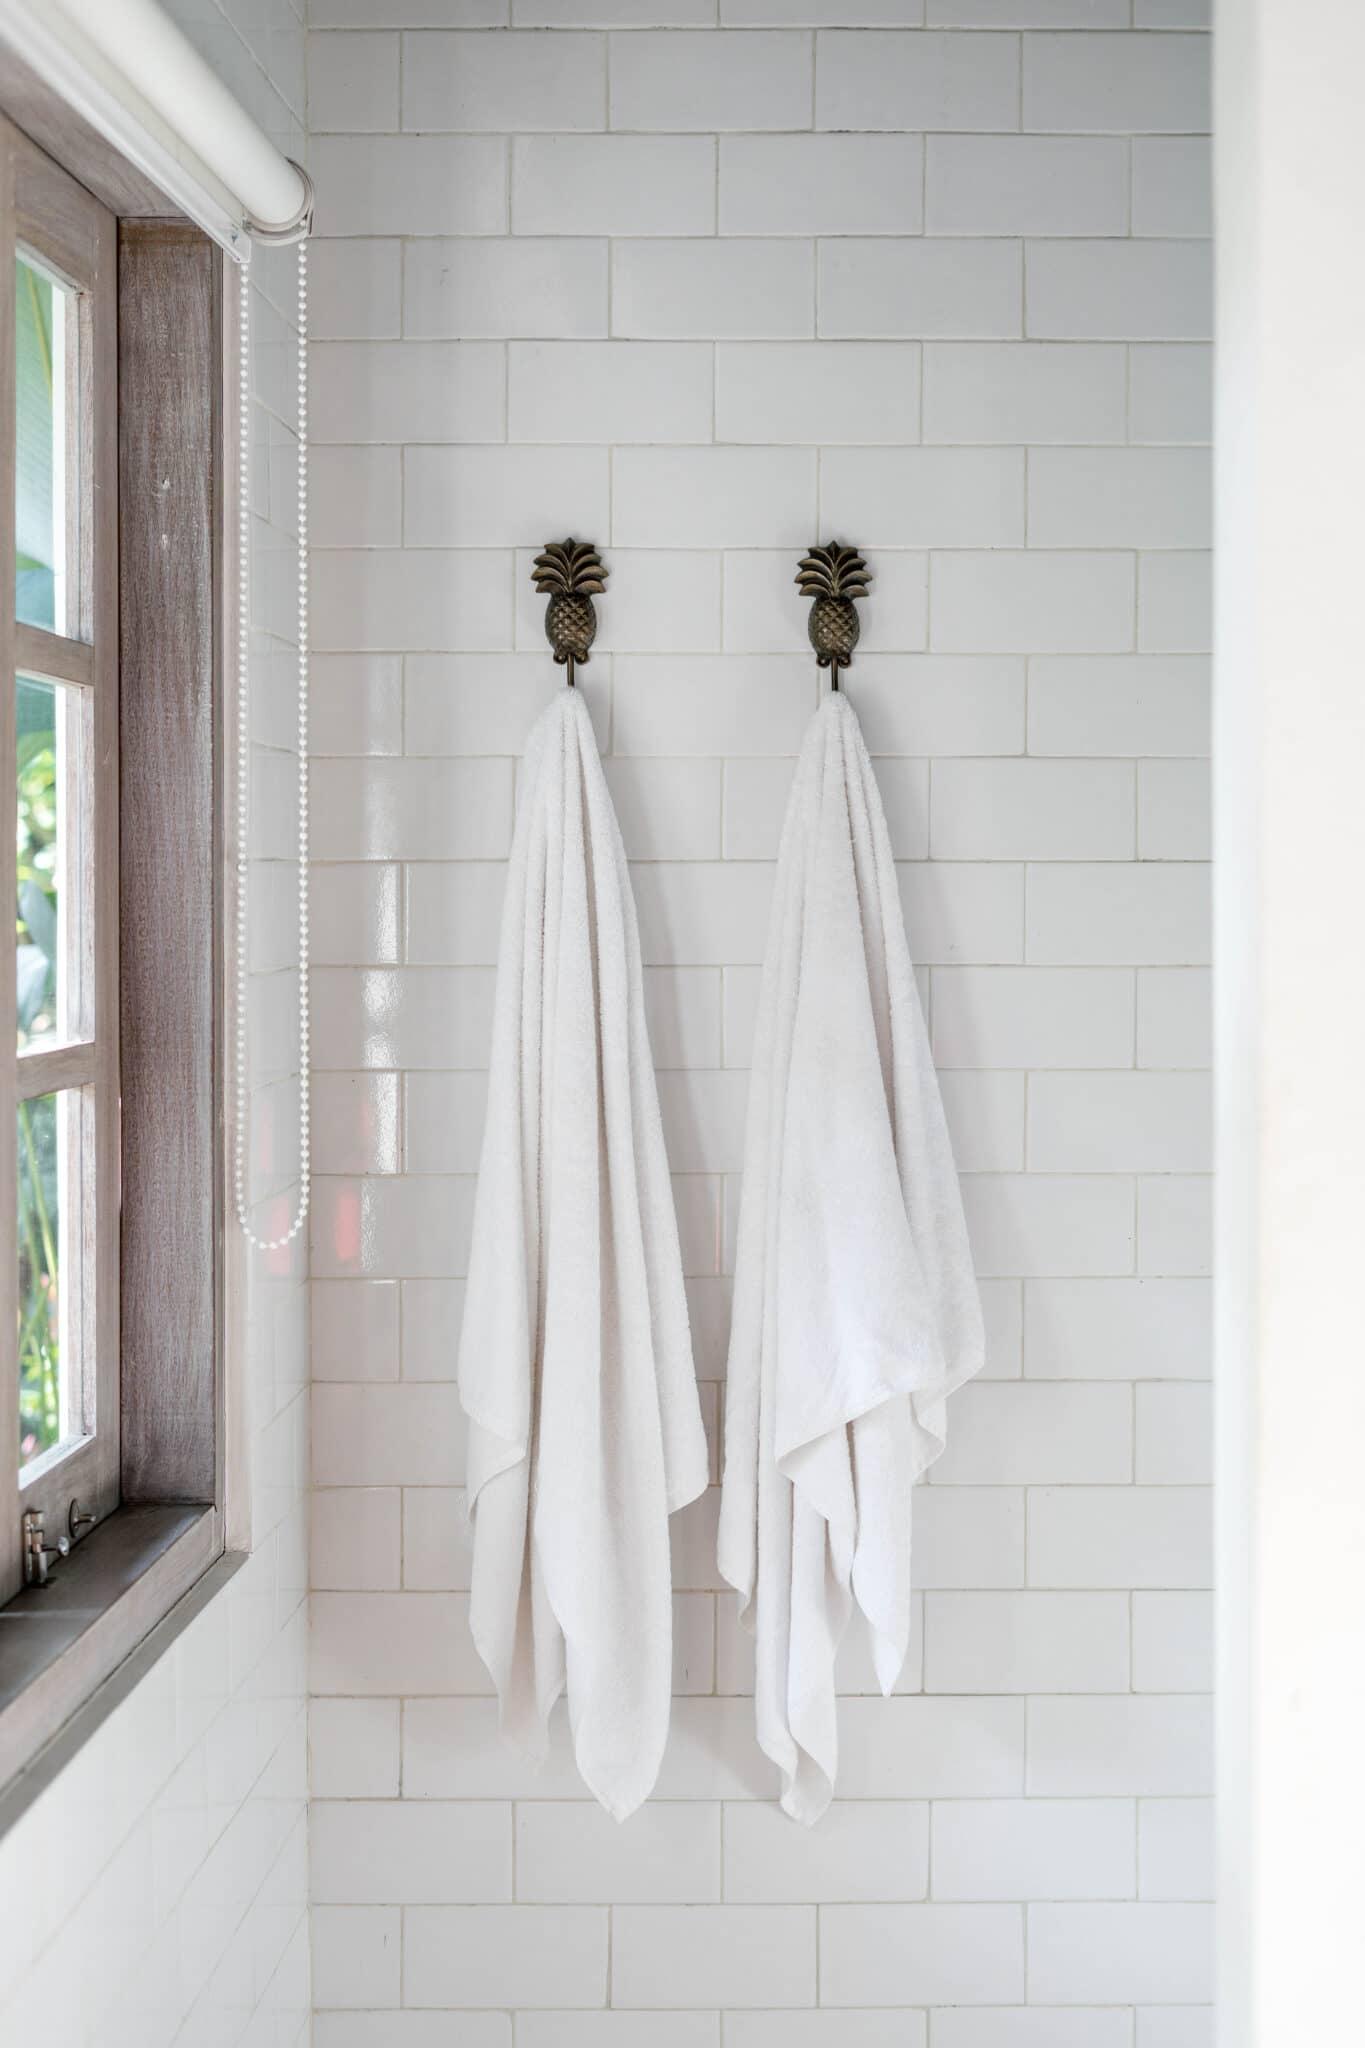 Serviettes de bain suspendues à des crochets dans une petite salle de bain pour gagner de la place.